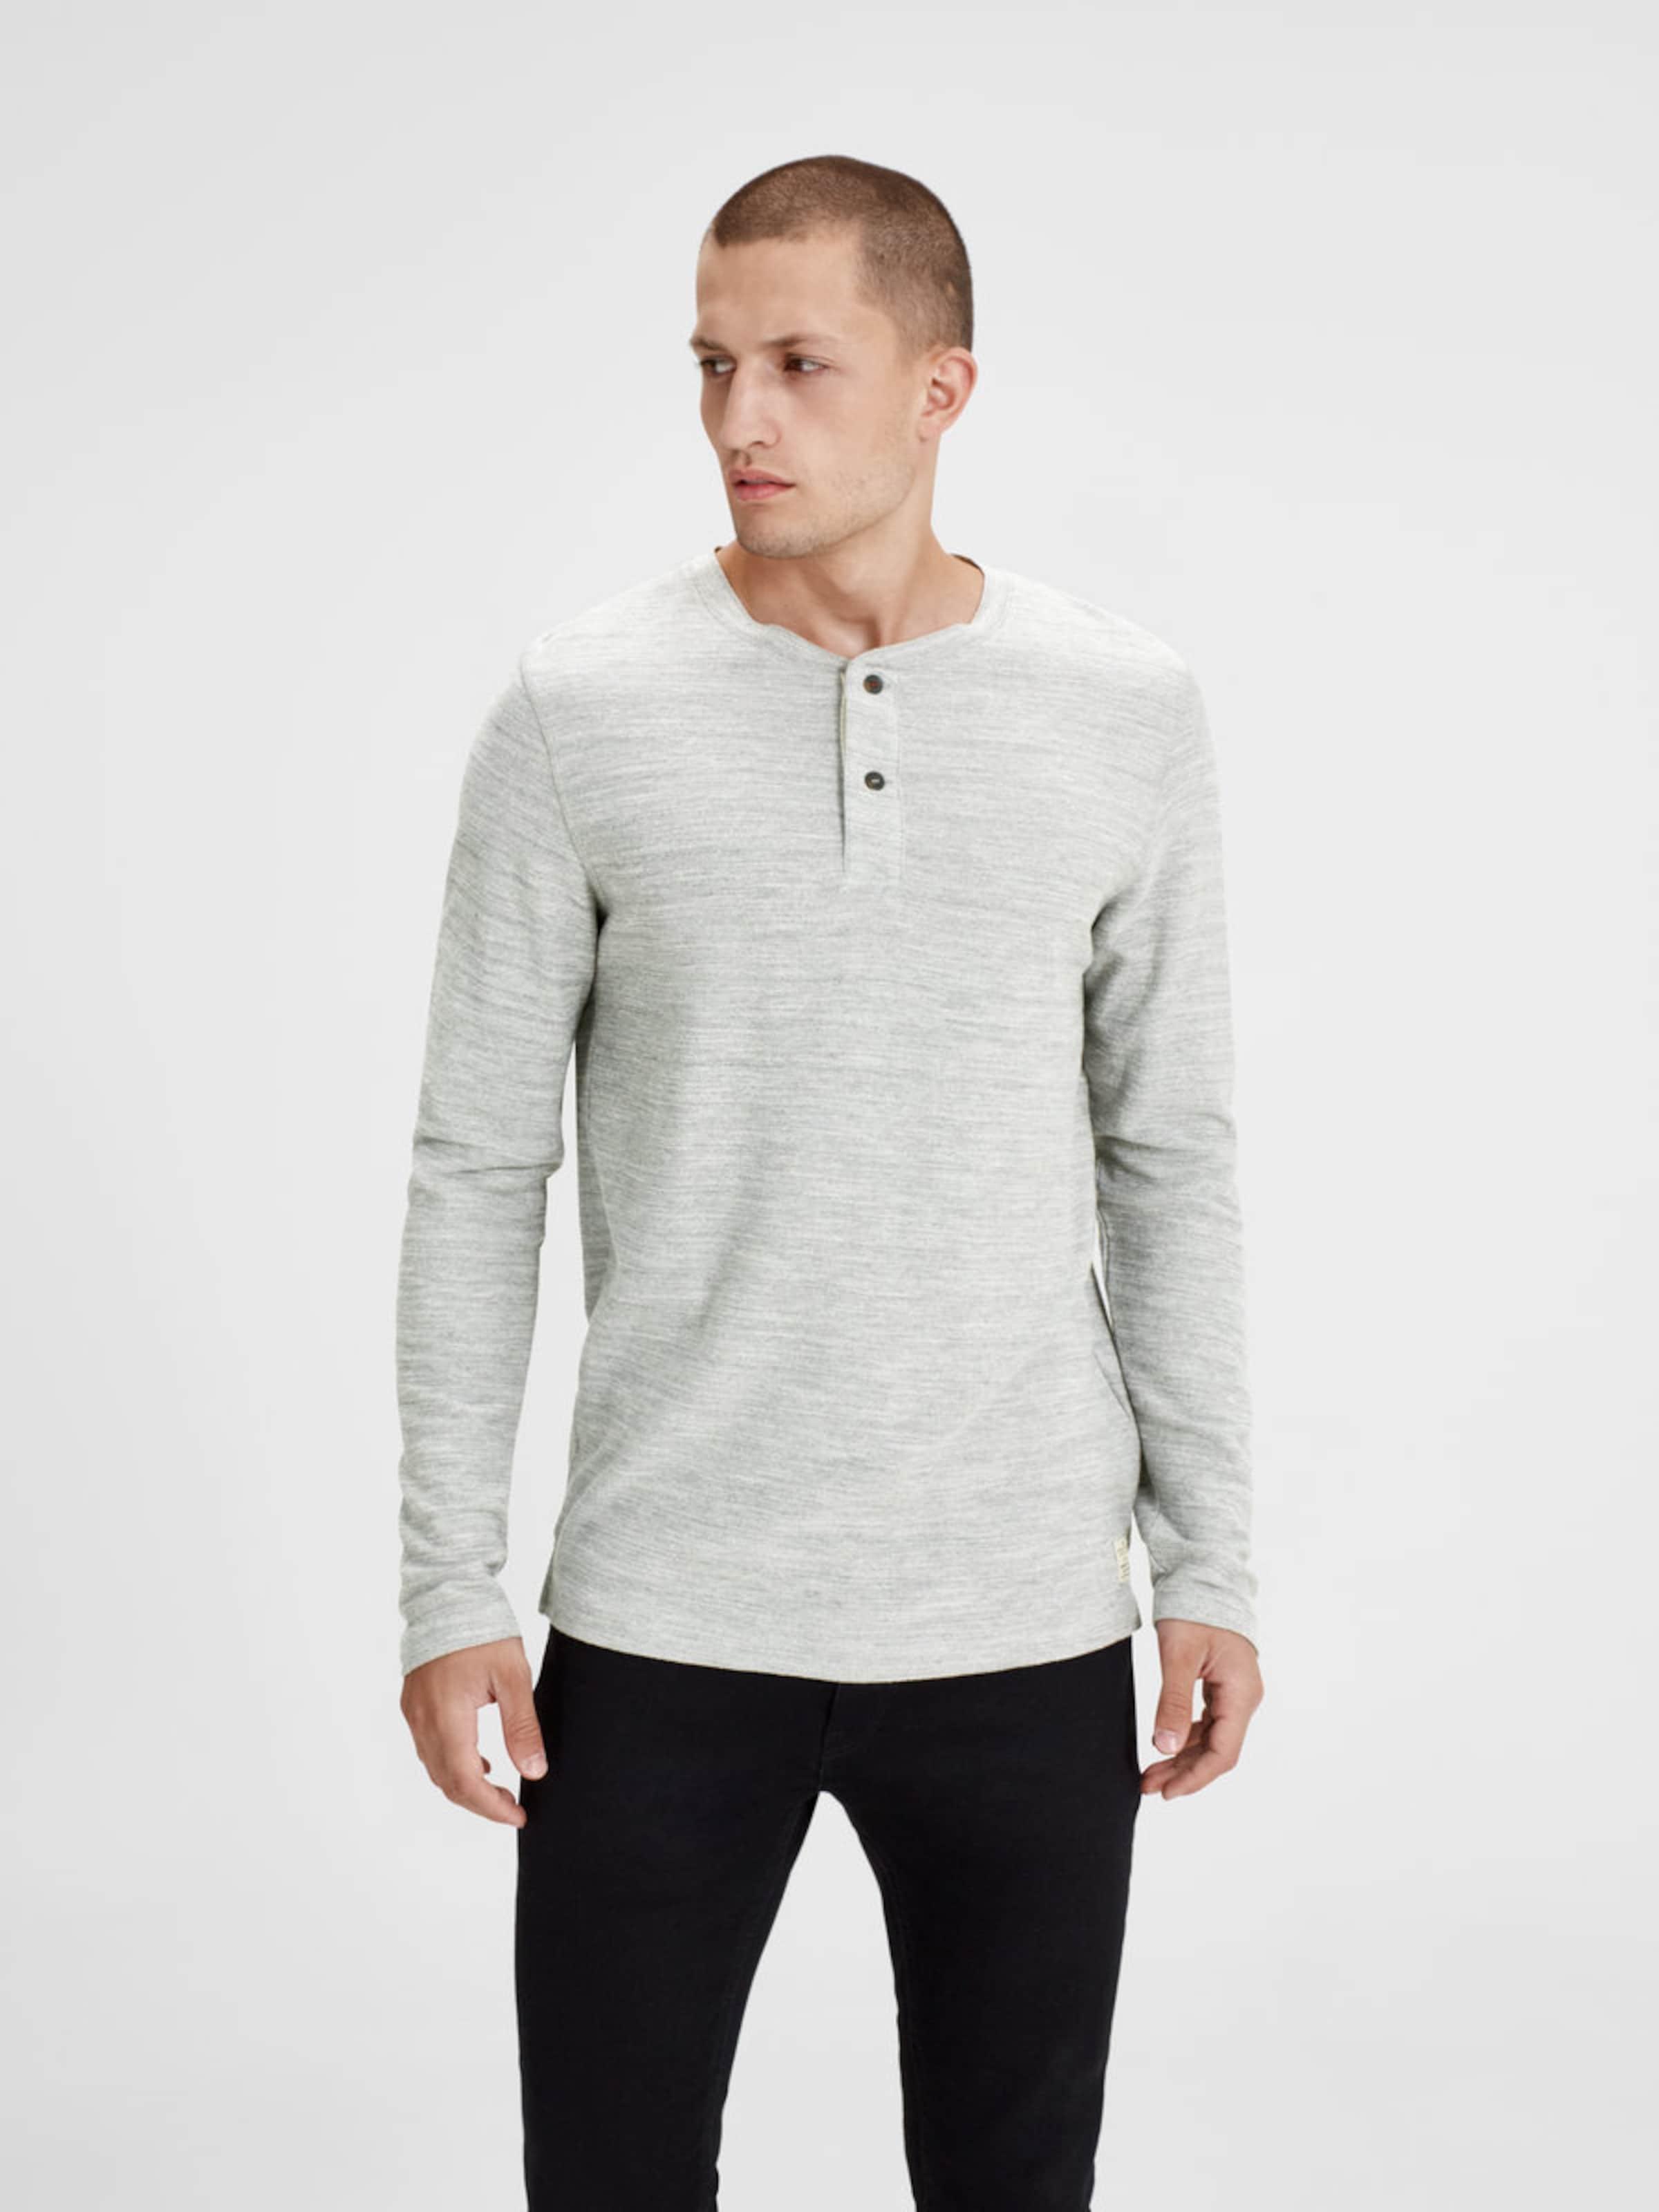 Die Besten Preise Zu Verkaufen JACK & JONES T-Shirt mit langen Ärmeln Billig Größte Lieferant Rabatt Vorbestellen O9jPZgp